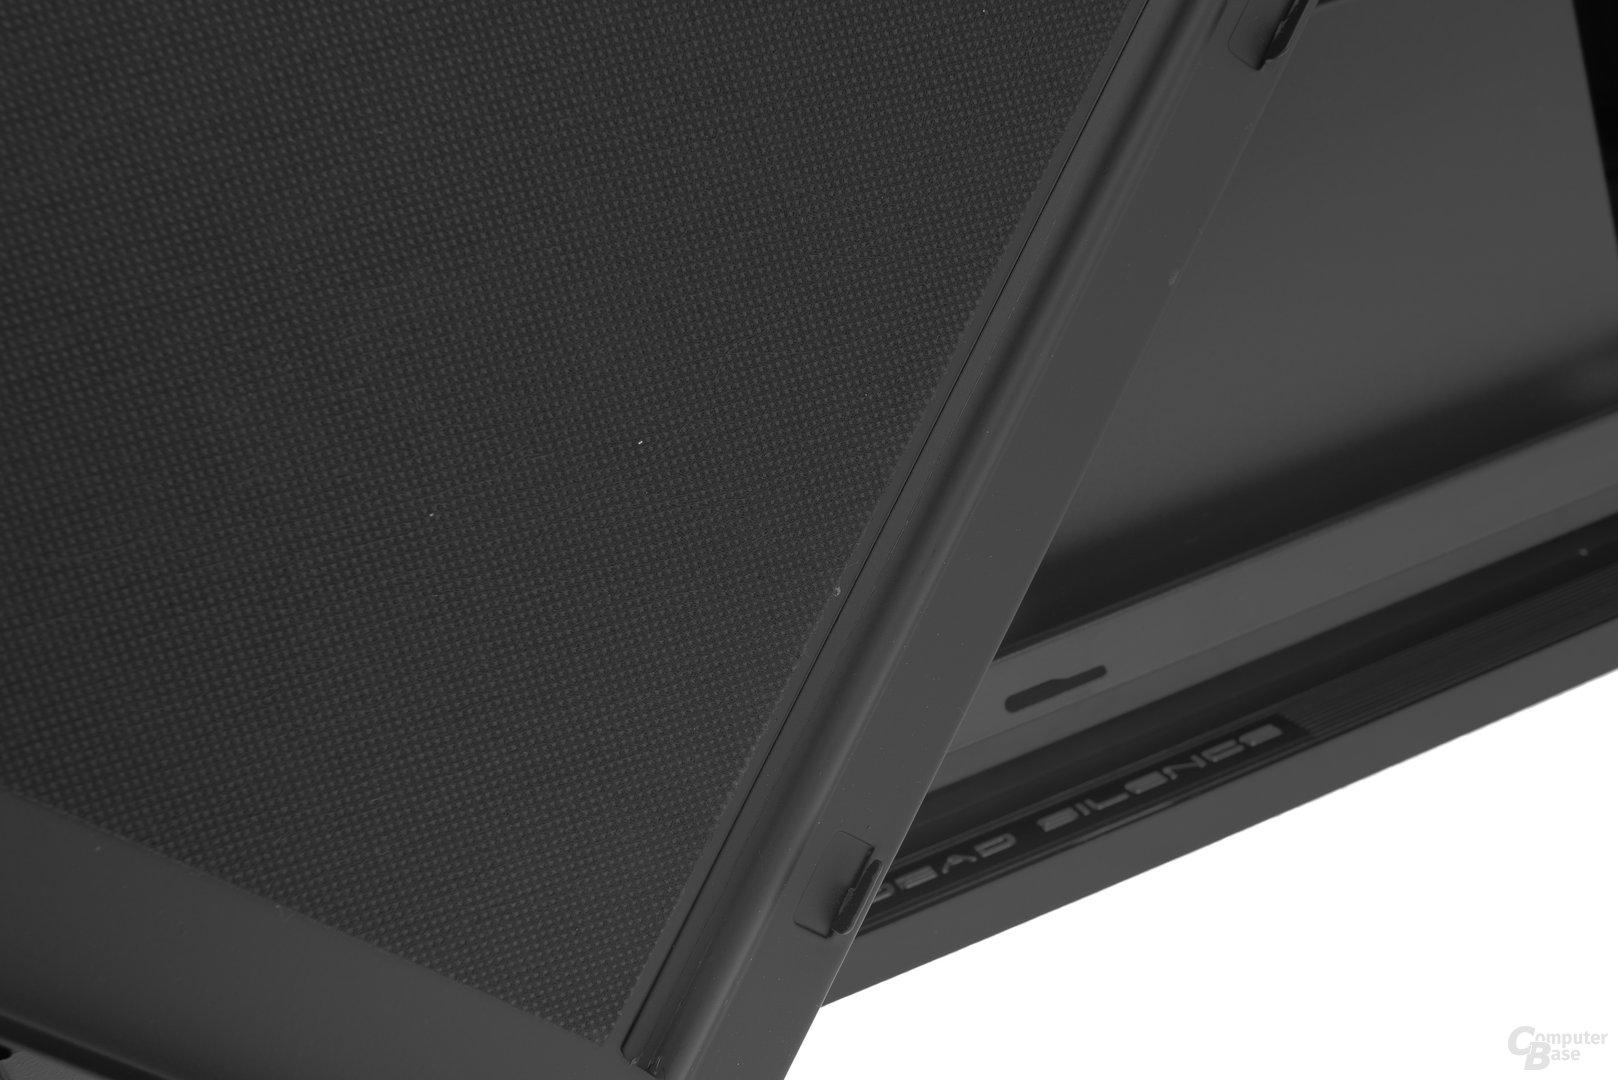 Aerocool DS 230 – Beide Seitenteile sind schallgedämmt